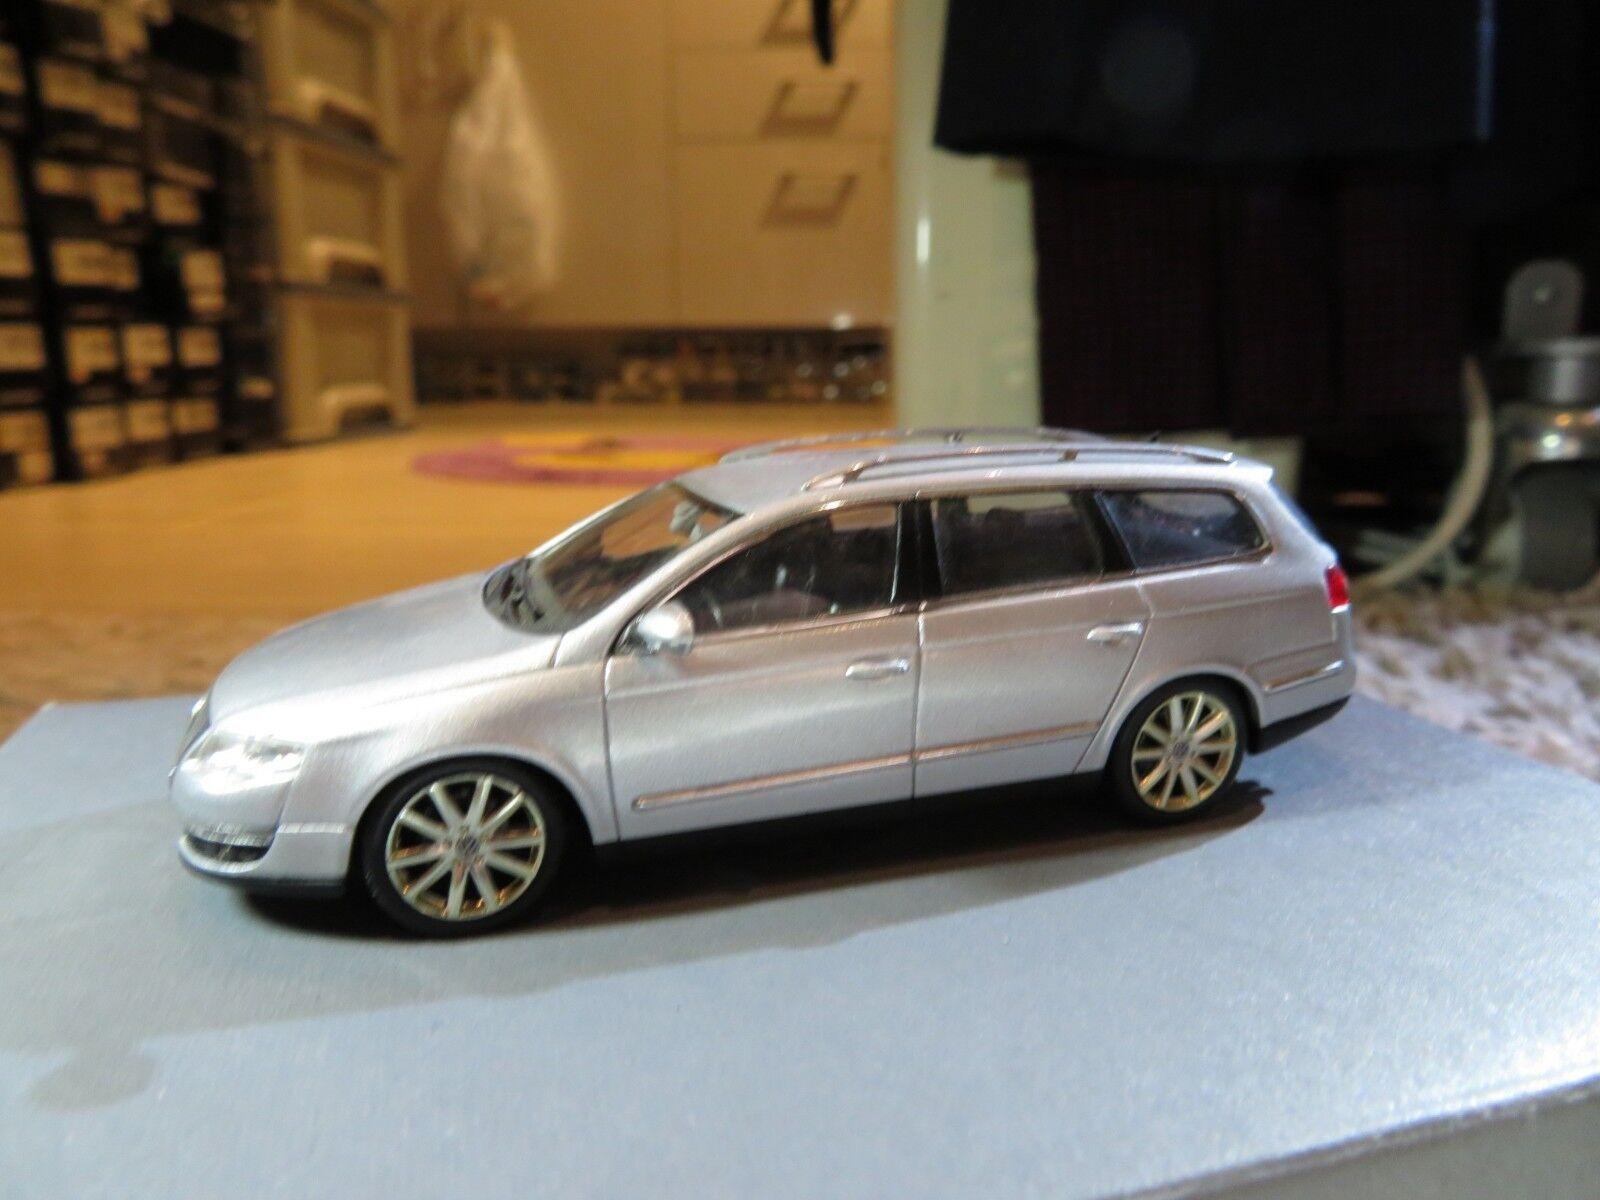 1 43 Minichamps VW Volkswagen Passat Wagon diecast